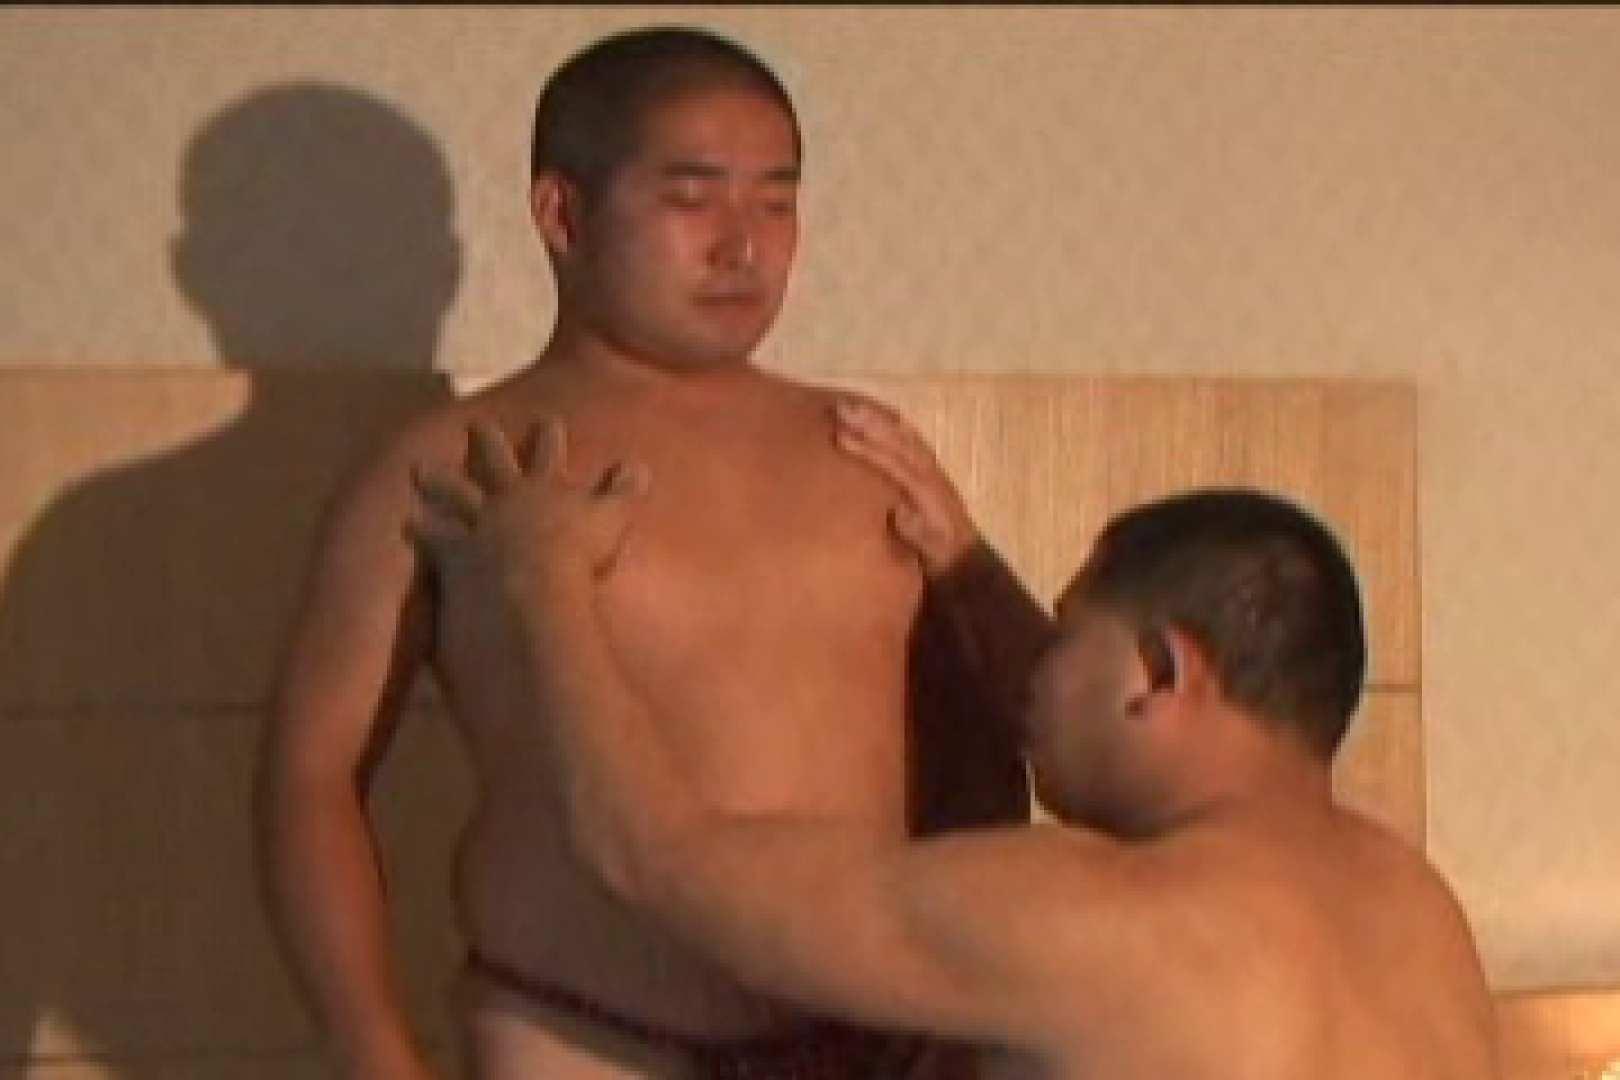 悶絶!!ケツマンFighters!! Part.02 アナル舐め舐め ゲイ肛門画像 95pic 39